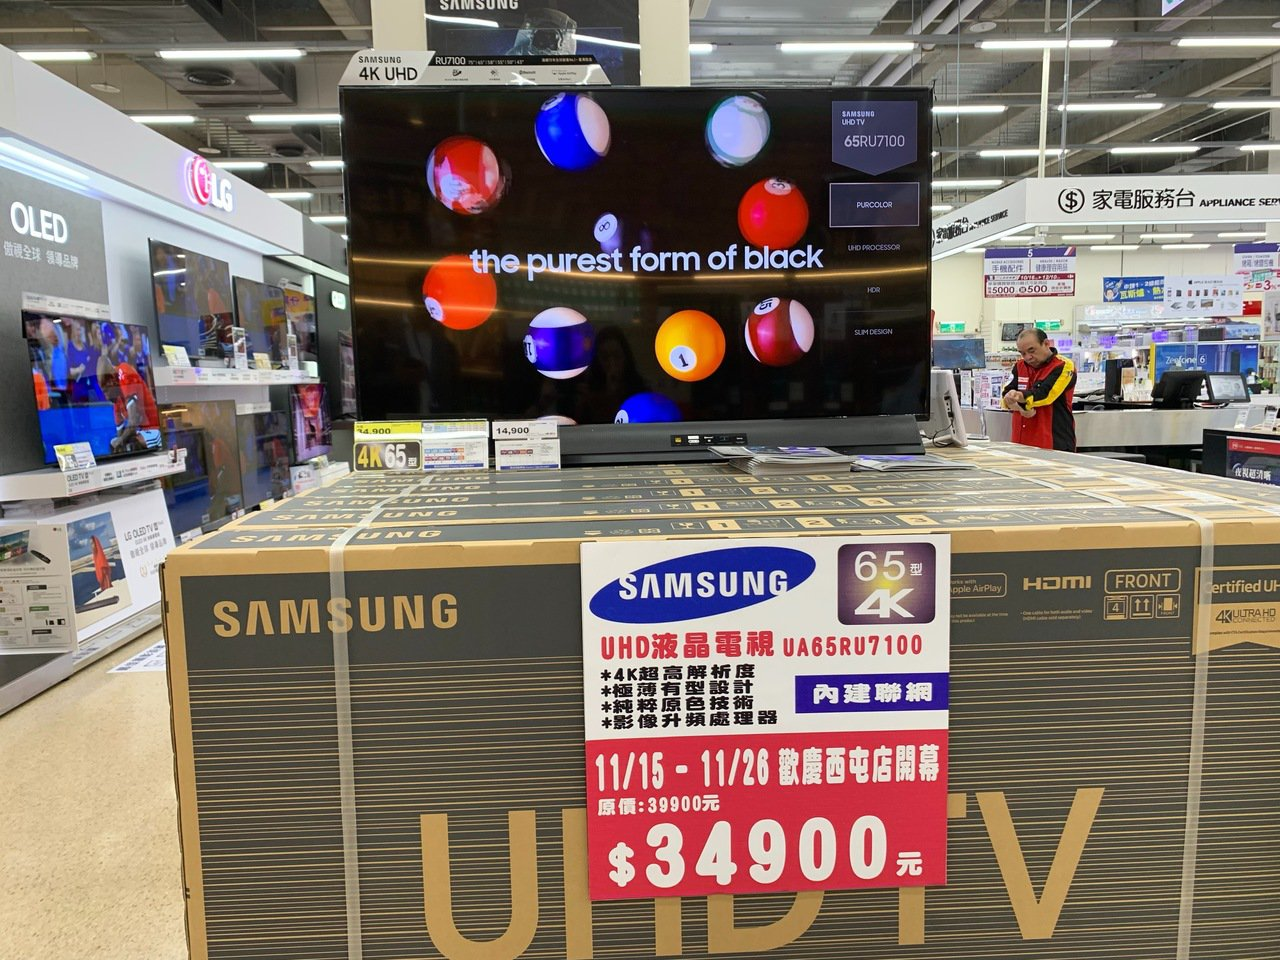 開幕當天祭出指定品牌電視現折5000元優惠。記者徐力剛/攝影